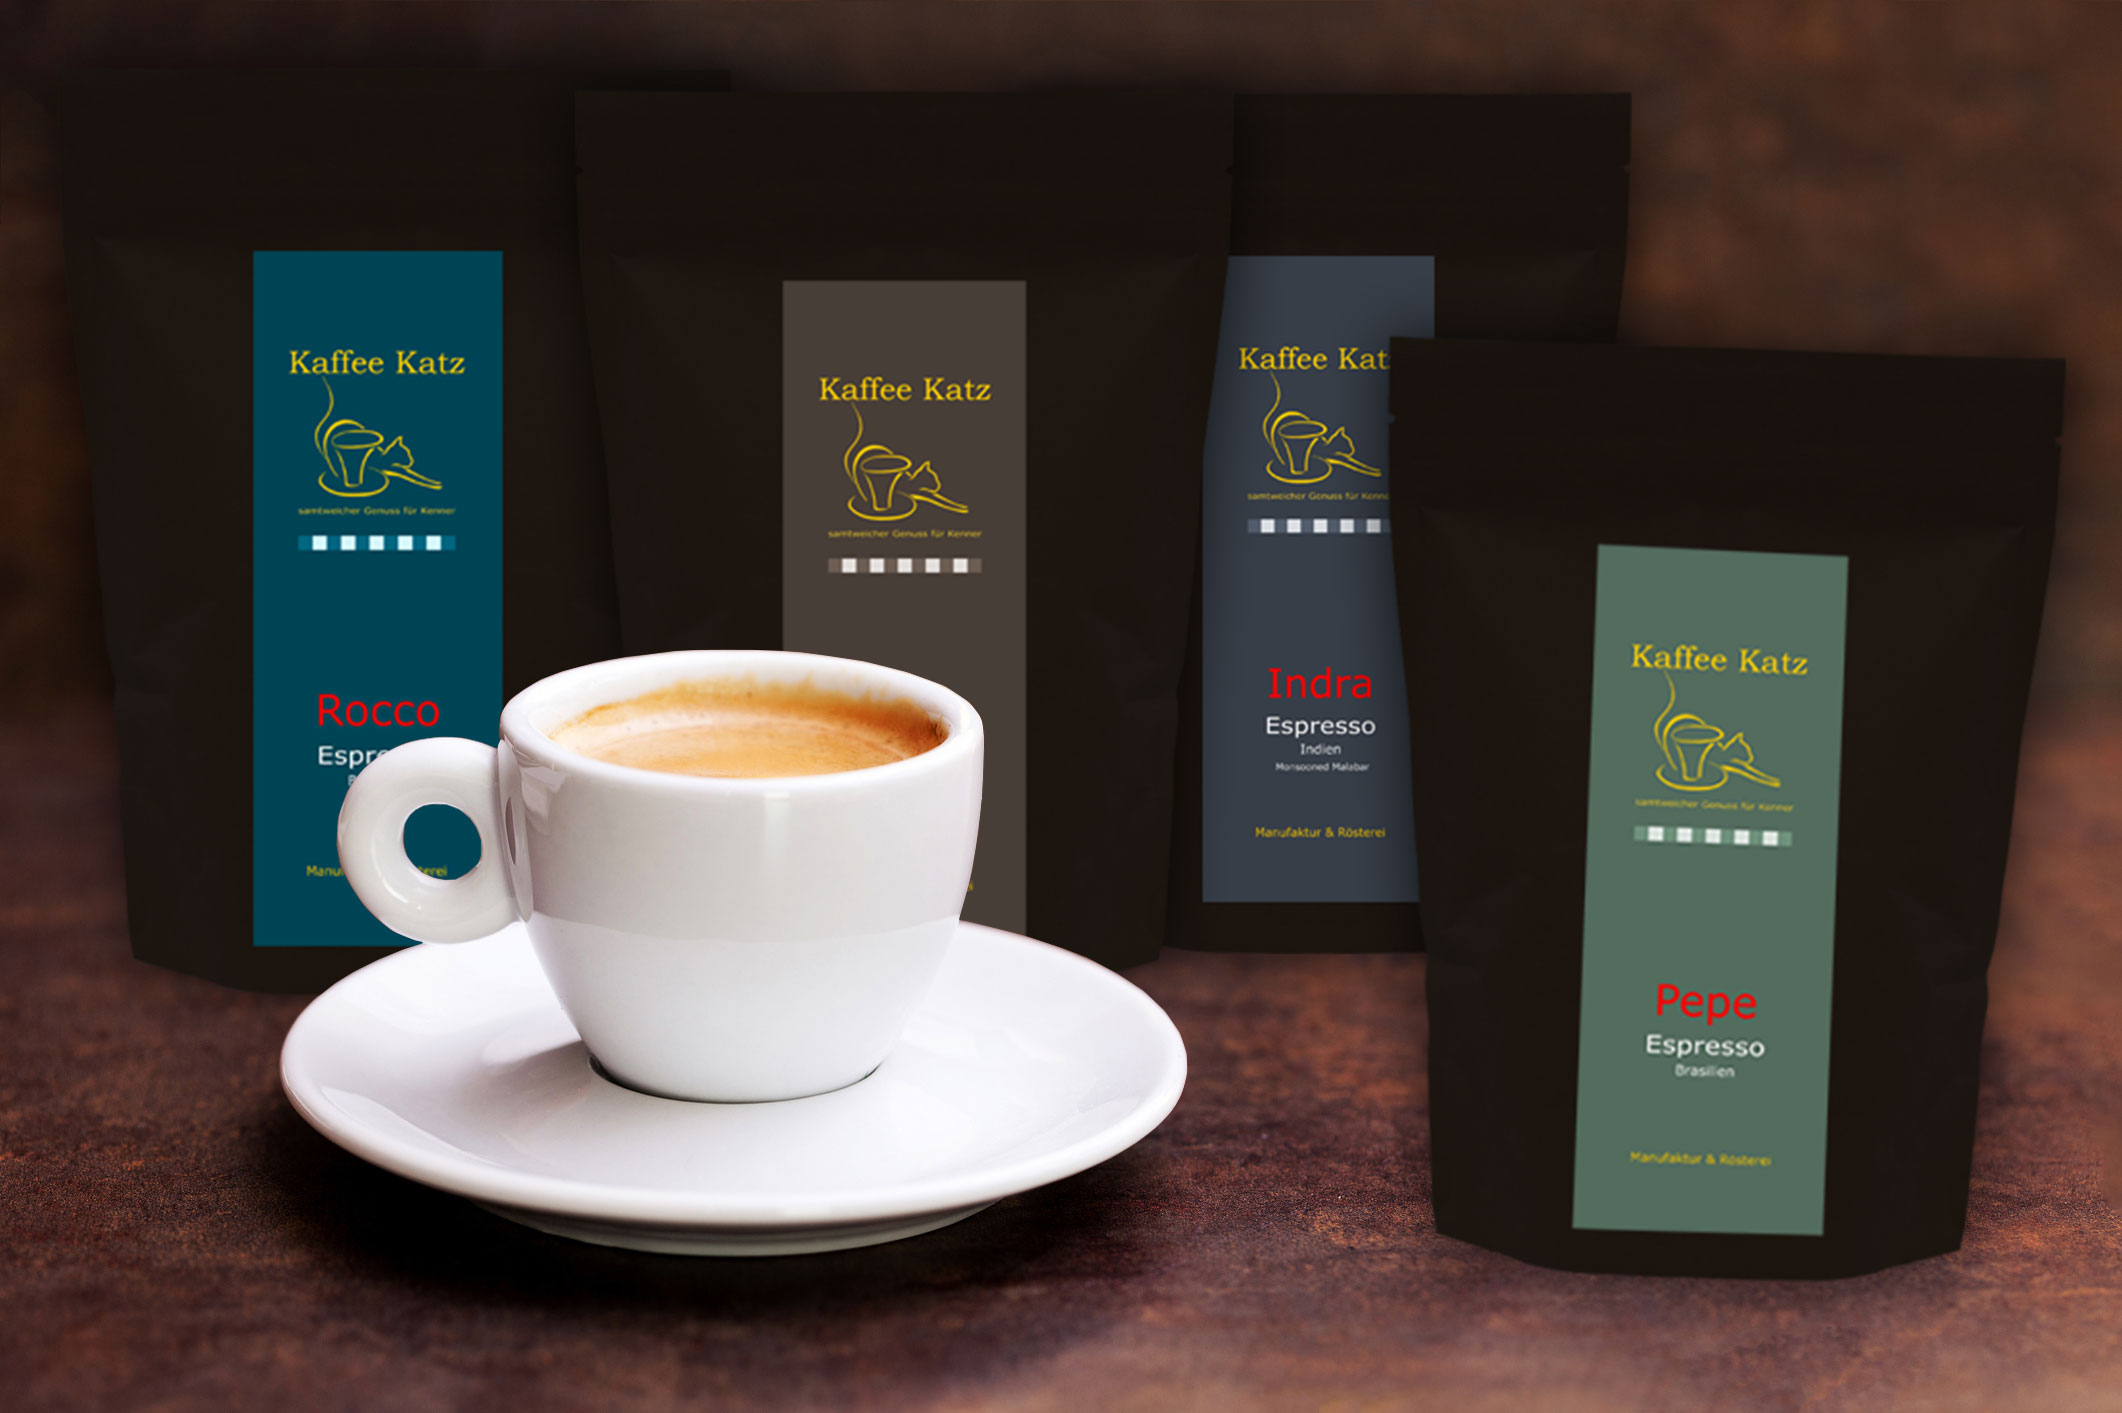 Geschenk Set 1 - Kaffee/Espresso